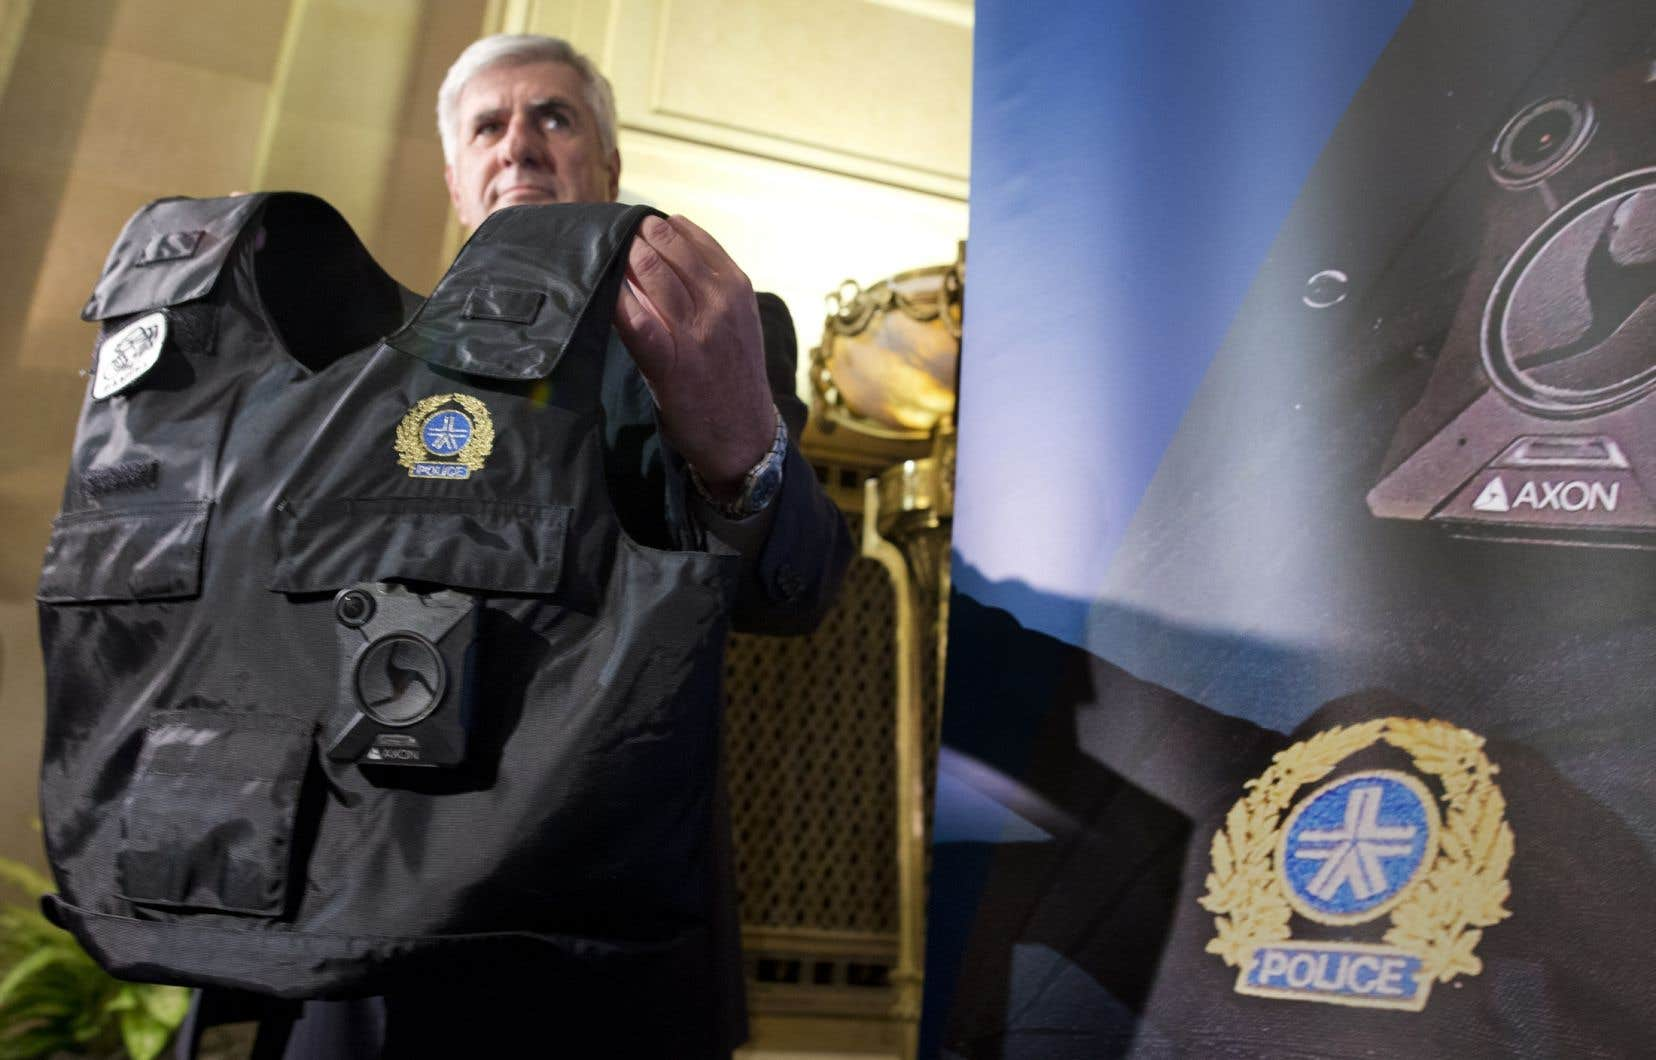 «Un angle mort de l'évaluation du SPVM et de la plupart des évaluations de projets similaires ailleurs dans le monde est l'impact que les caméras portatives peuvent avoir sur le système judiciaire dans son ensemble, et non seulement sur la police», écrivent les auteurs.